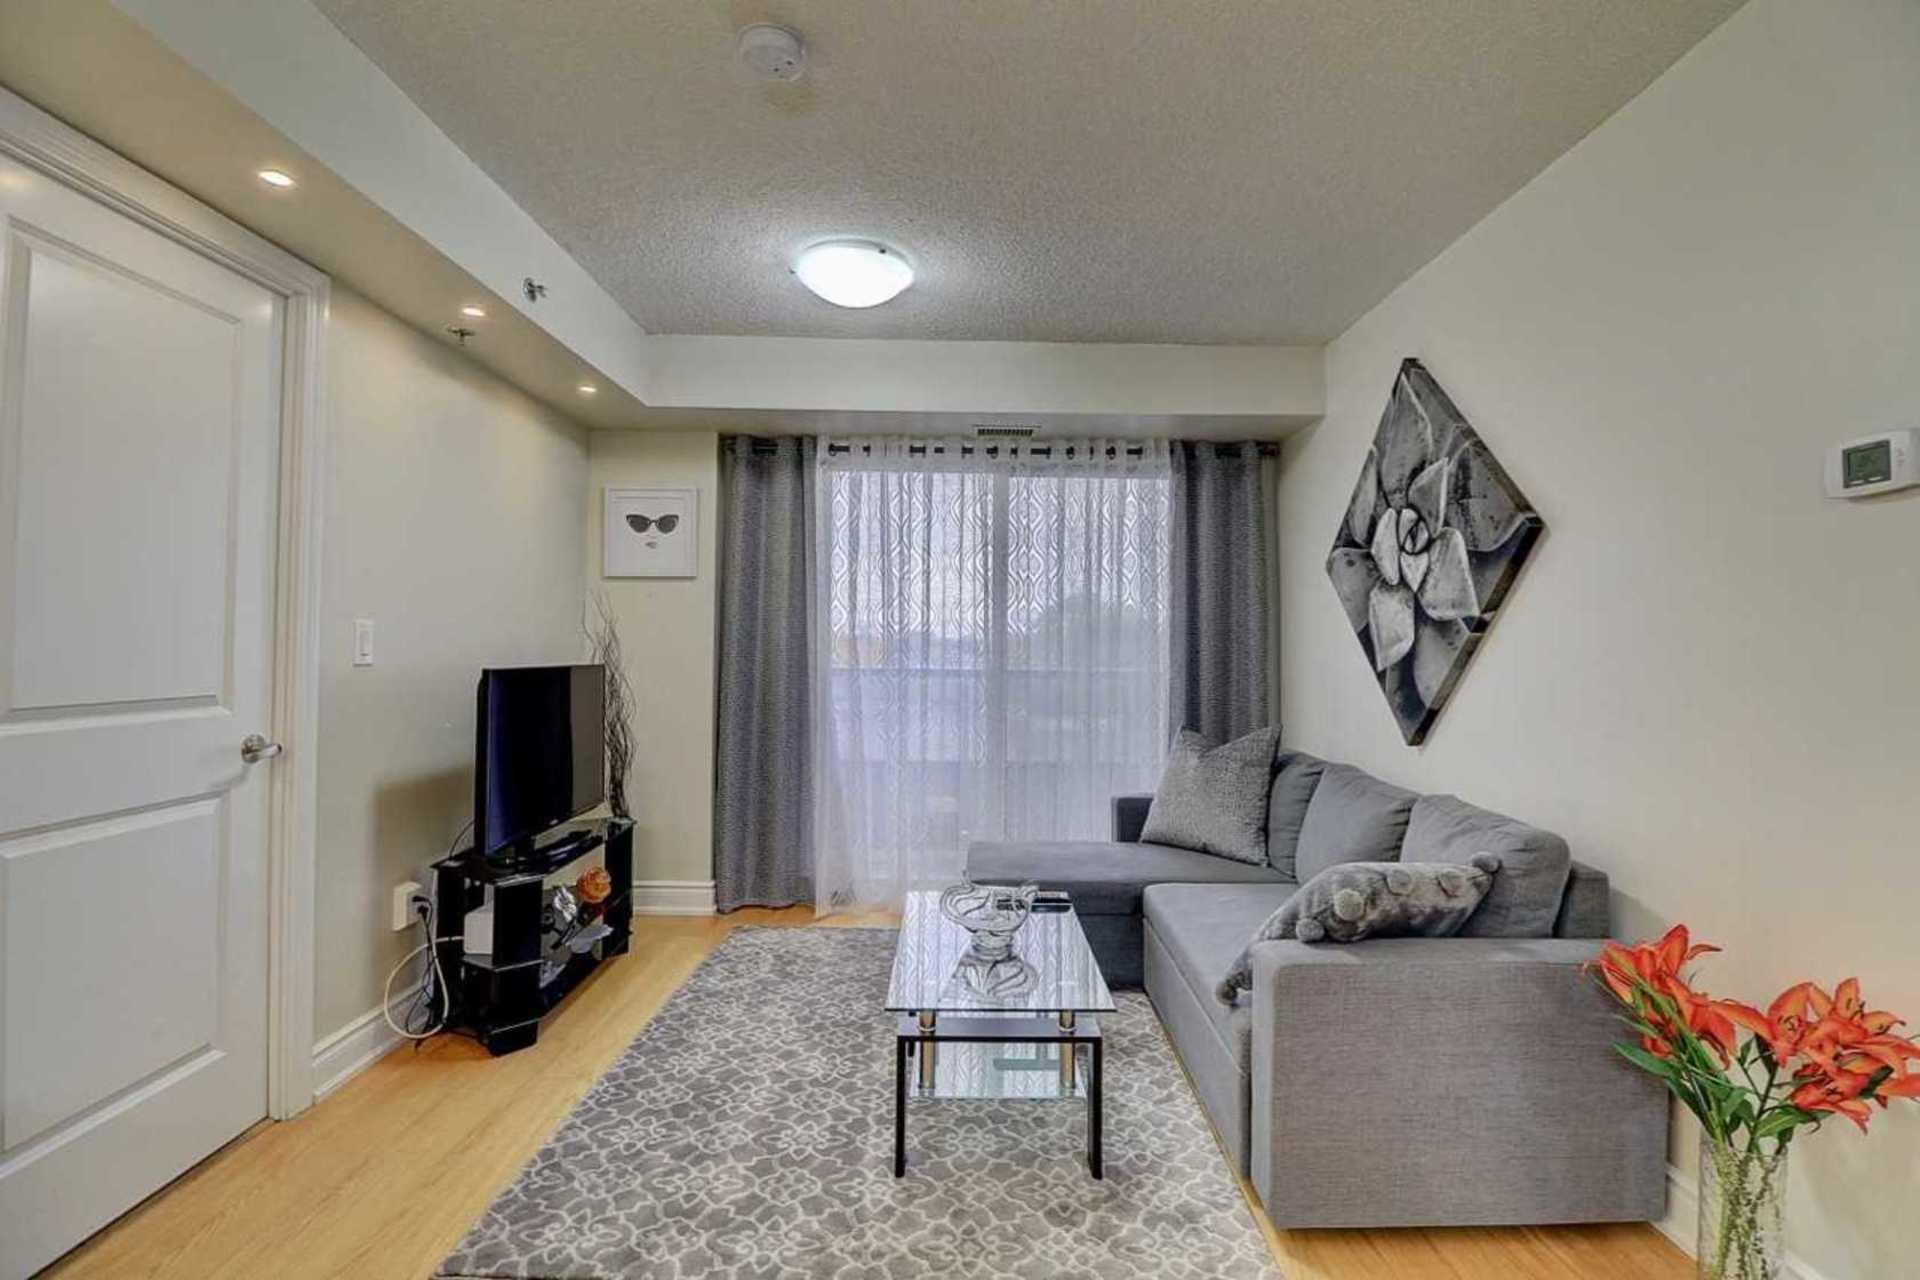 Living Room at 401 - 760 Sheppard Avenue W, Bathurst Manor, Toronto